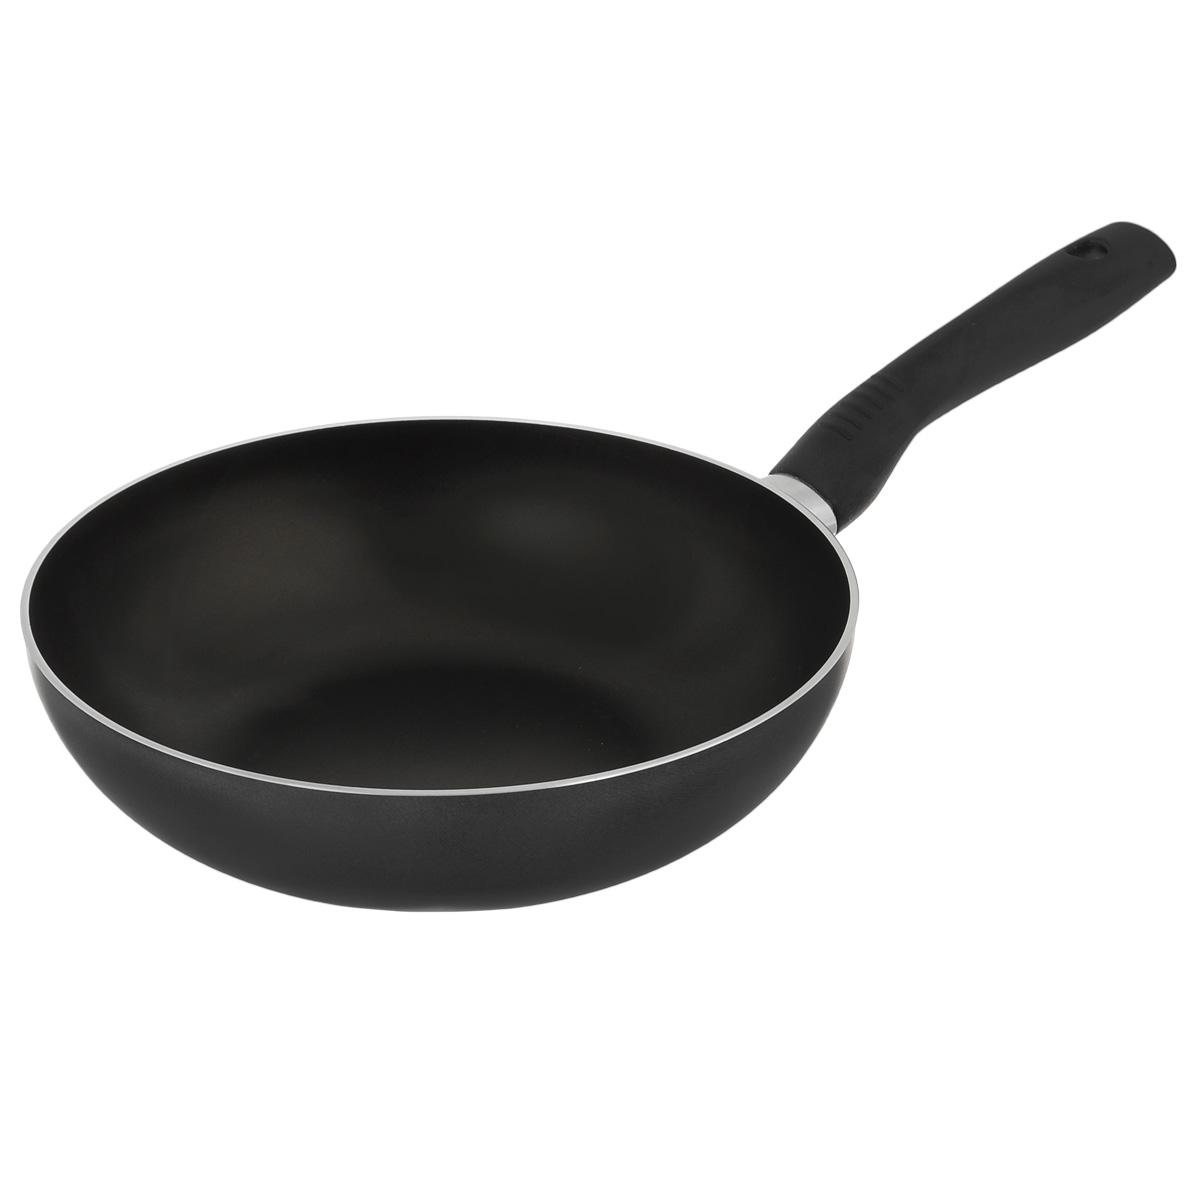 Сковорода-вок TVS Basilico, с антипригарным покрытием, цвет: черный. Диаметр 27 см противень tvs basilico 31х23 см 10570